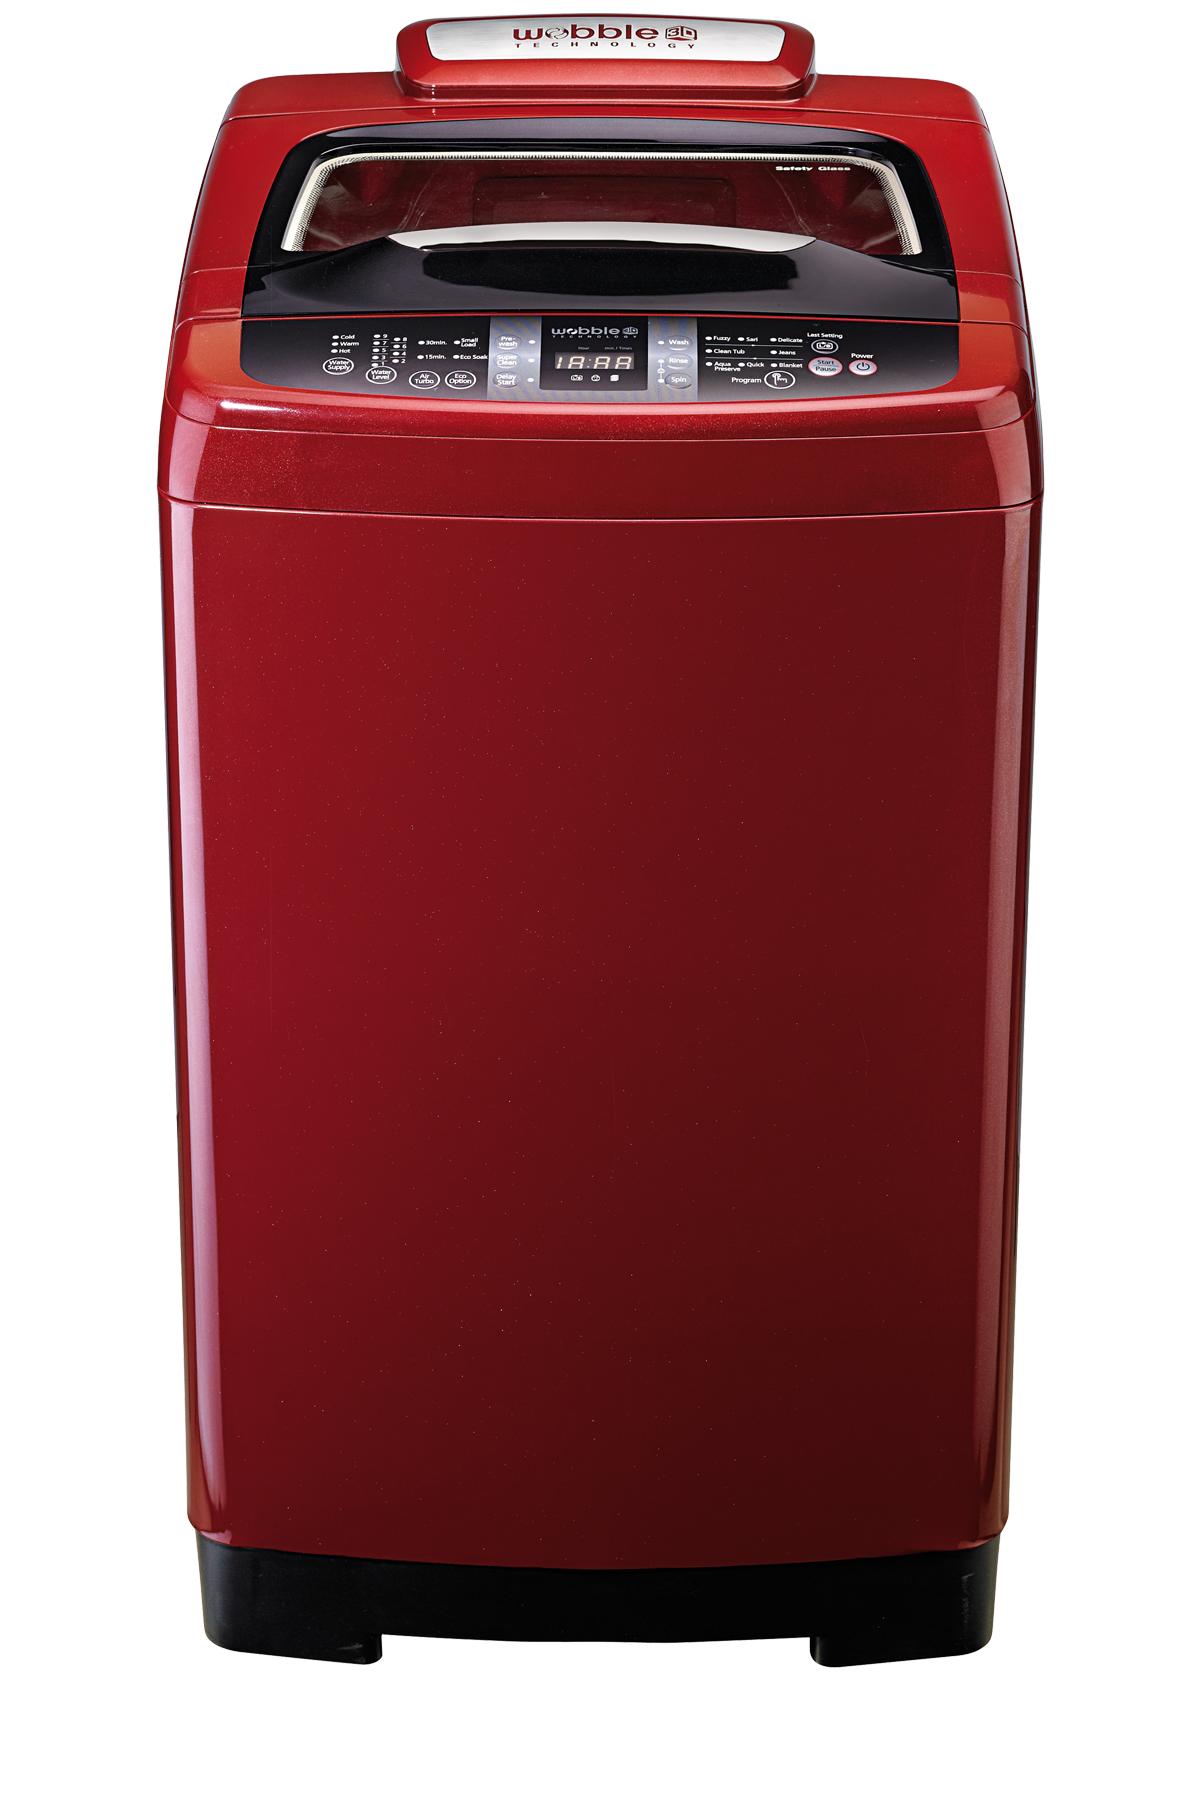 samsung washing machine india